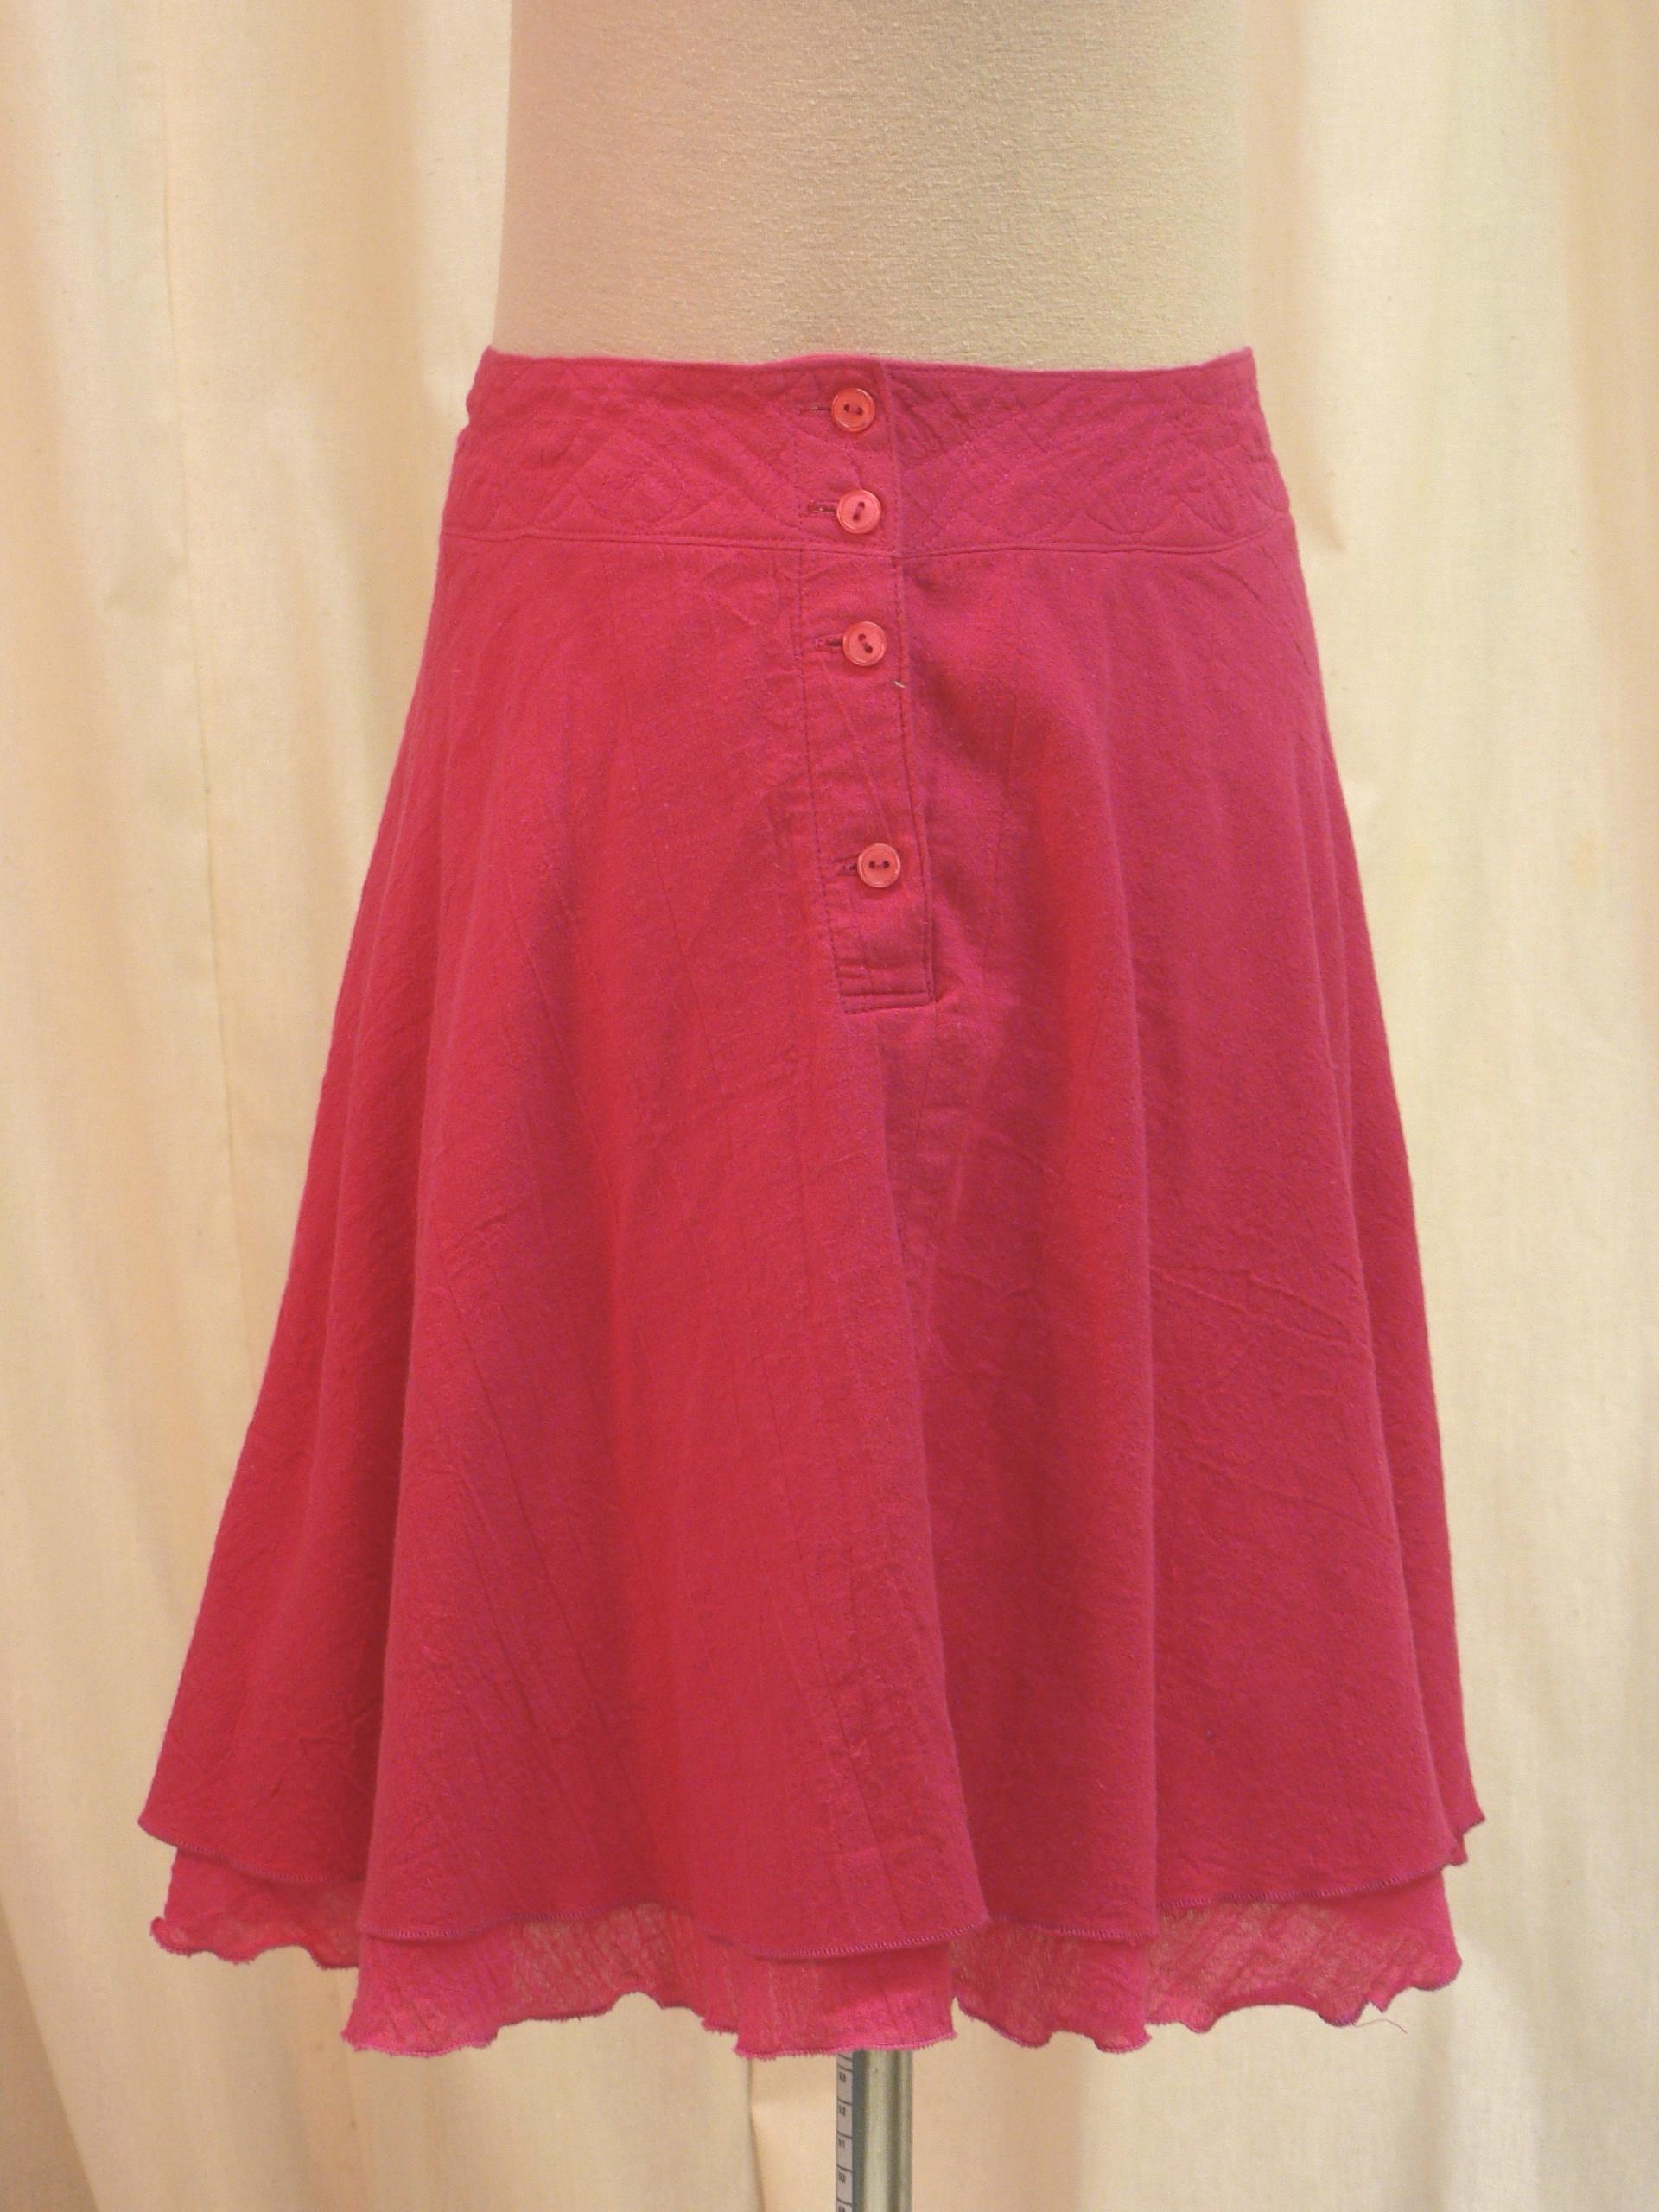 skirt09_side.JPG